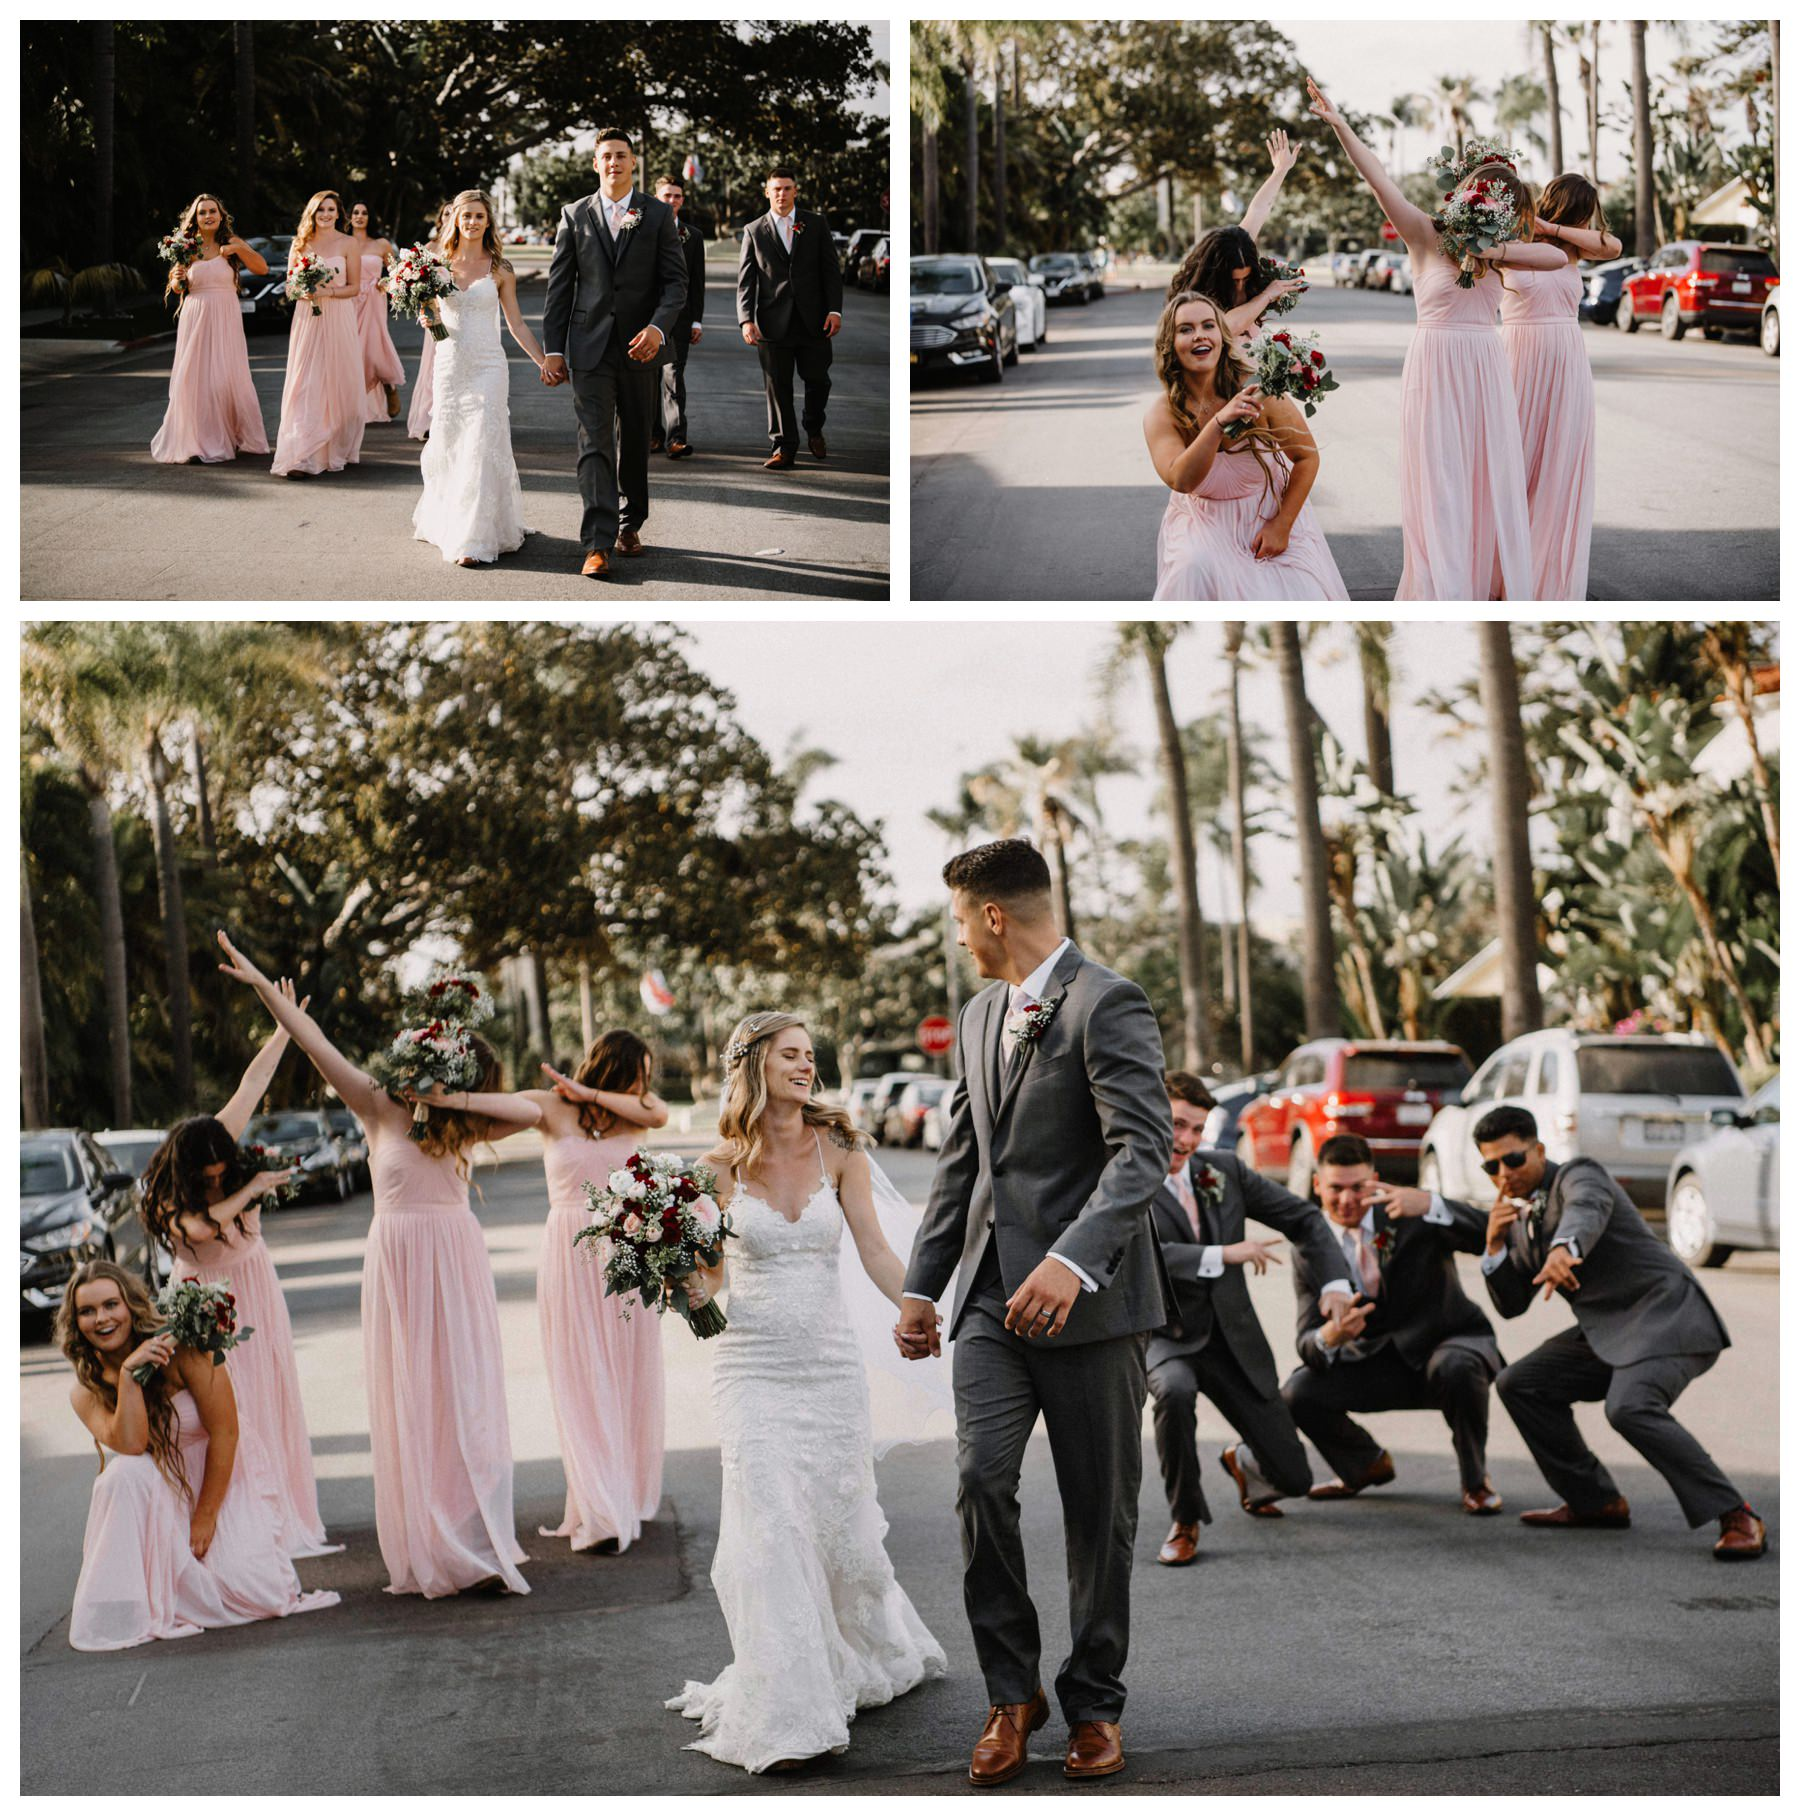 Coronado_Beach_Wedding_Singler_Photography_0034.jpg